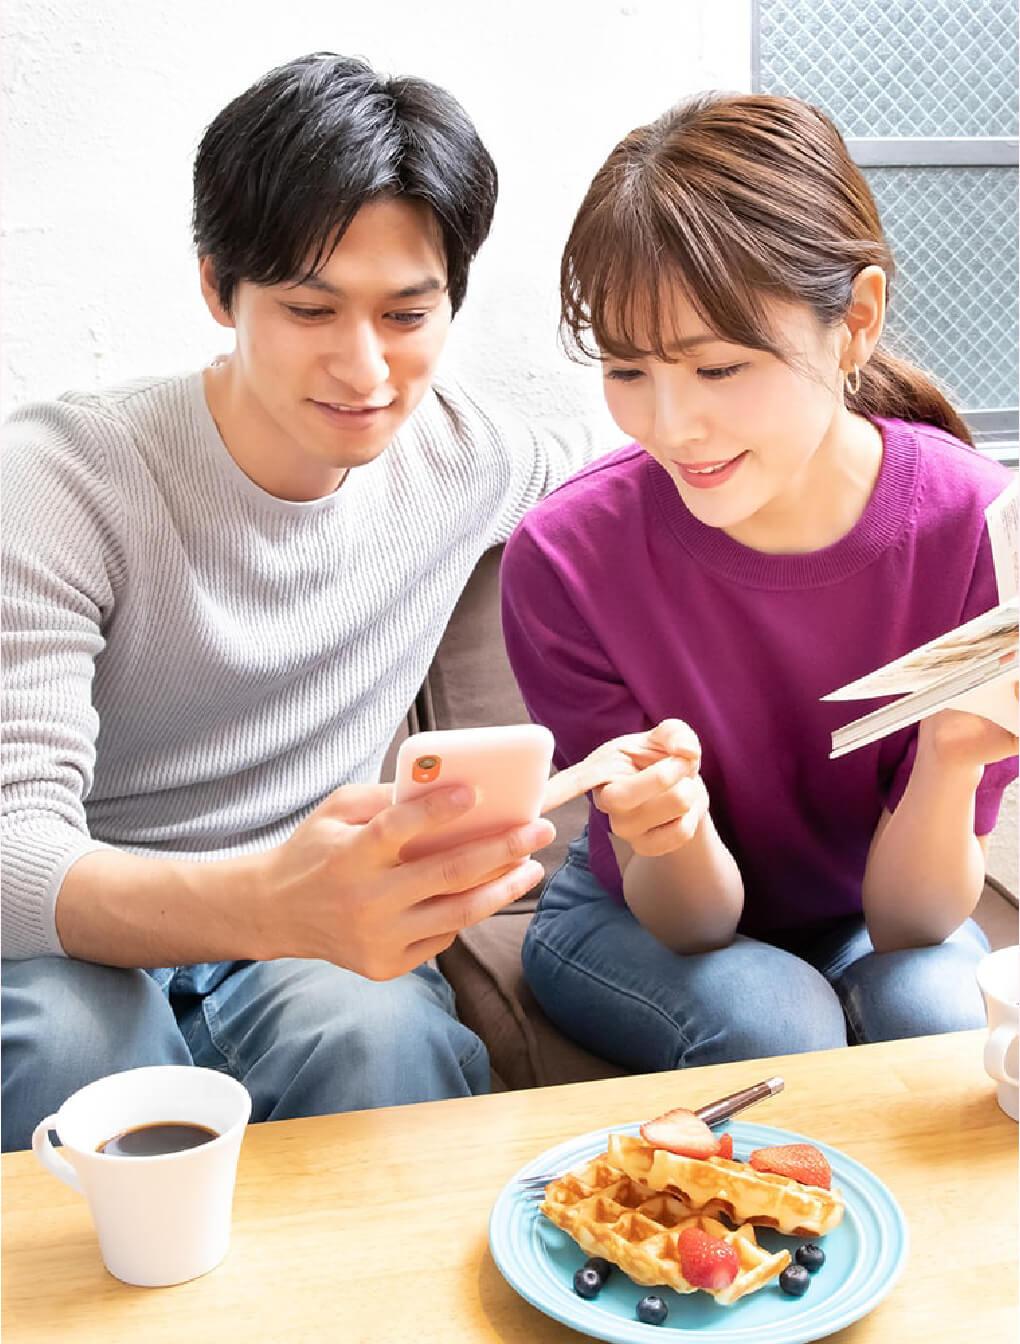 広島市内に4店舗あります何度でも無料で相談できるけどどの店舗でお話しします?